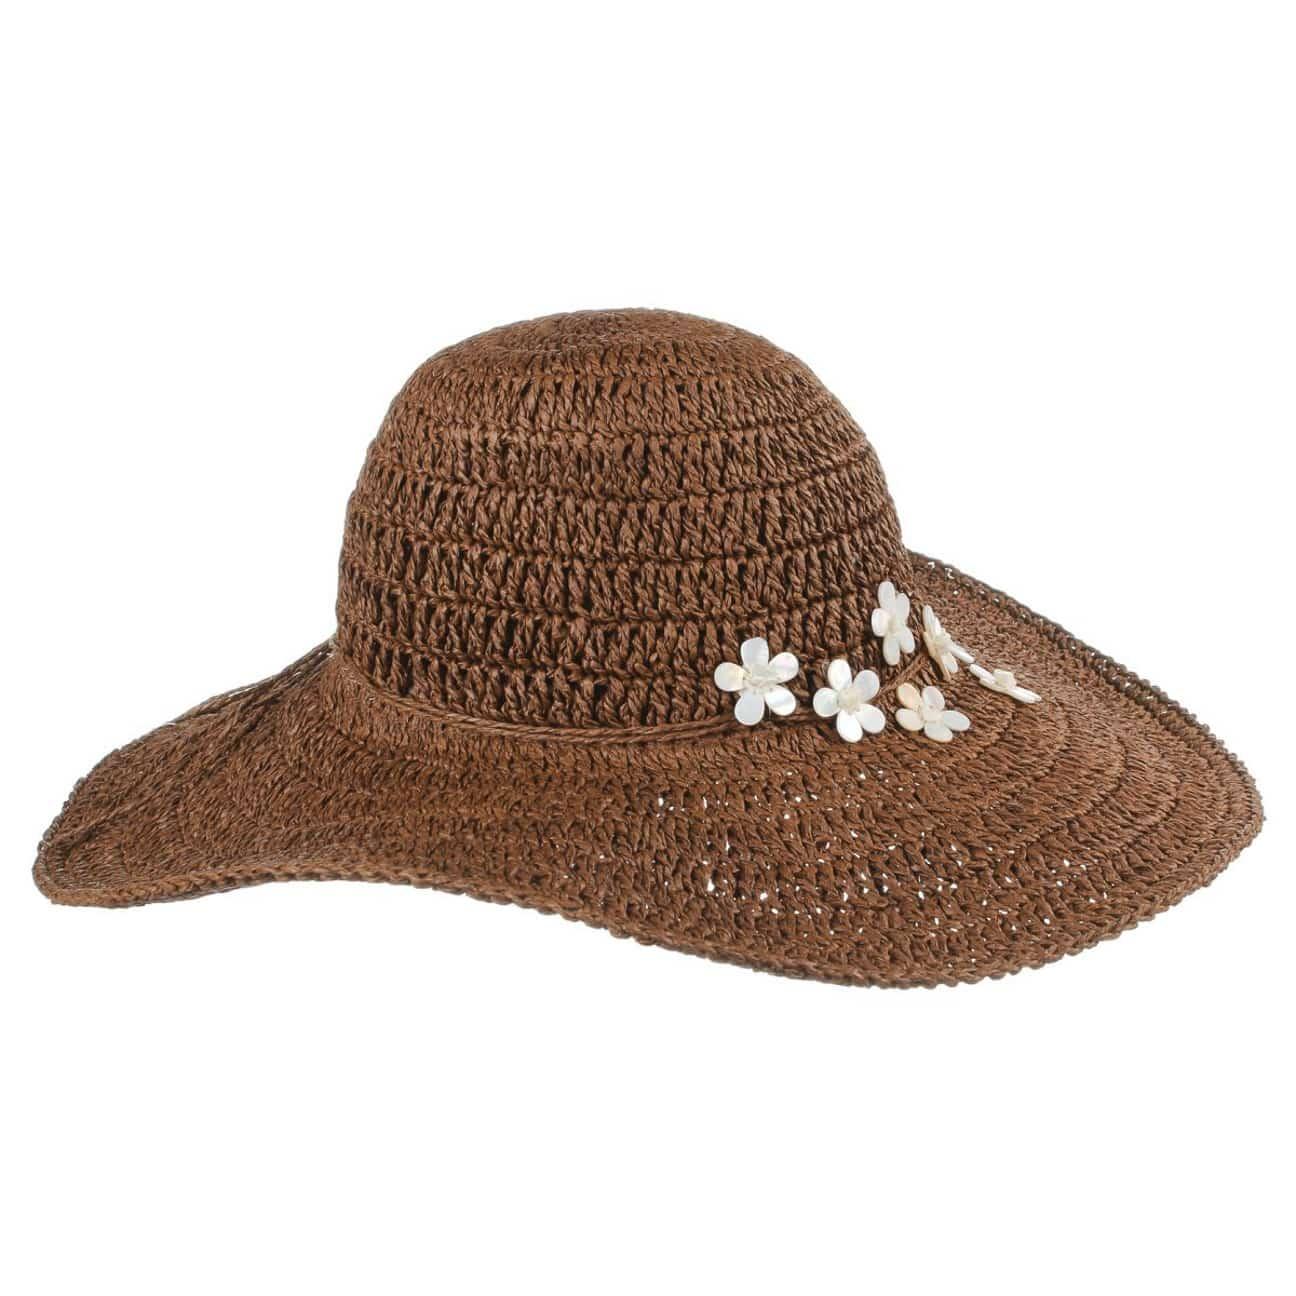 Crochet Toyo Cappello a Tesa Larga - marrone 1 ... 5da7f3485852